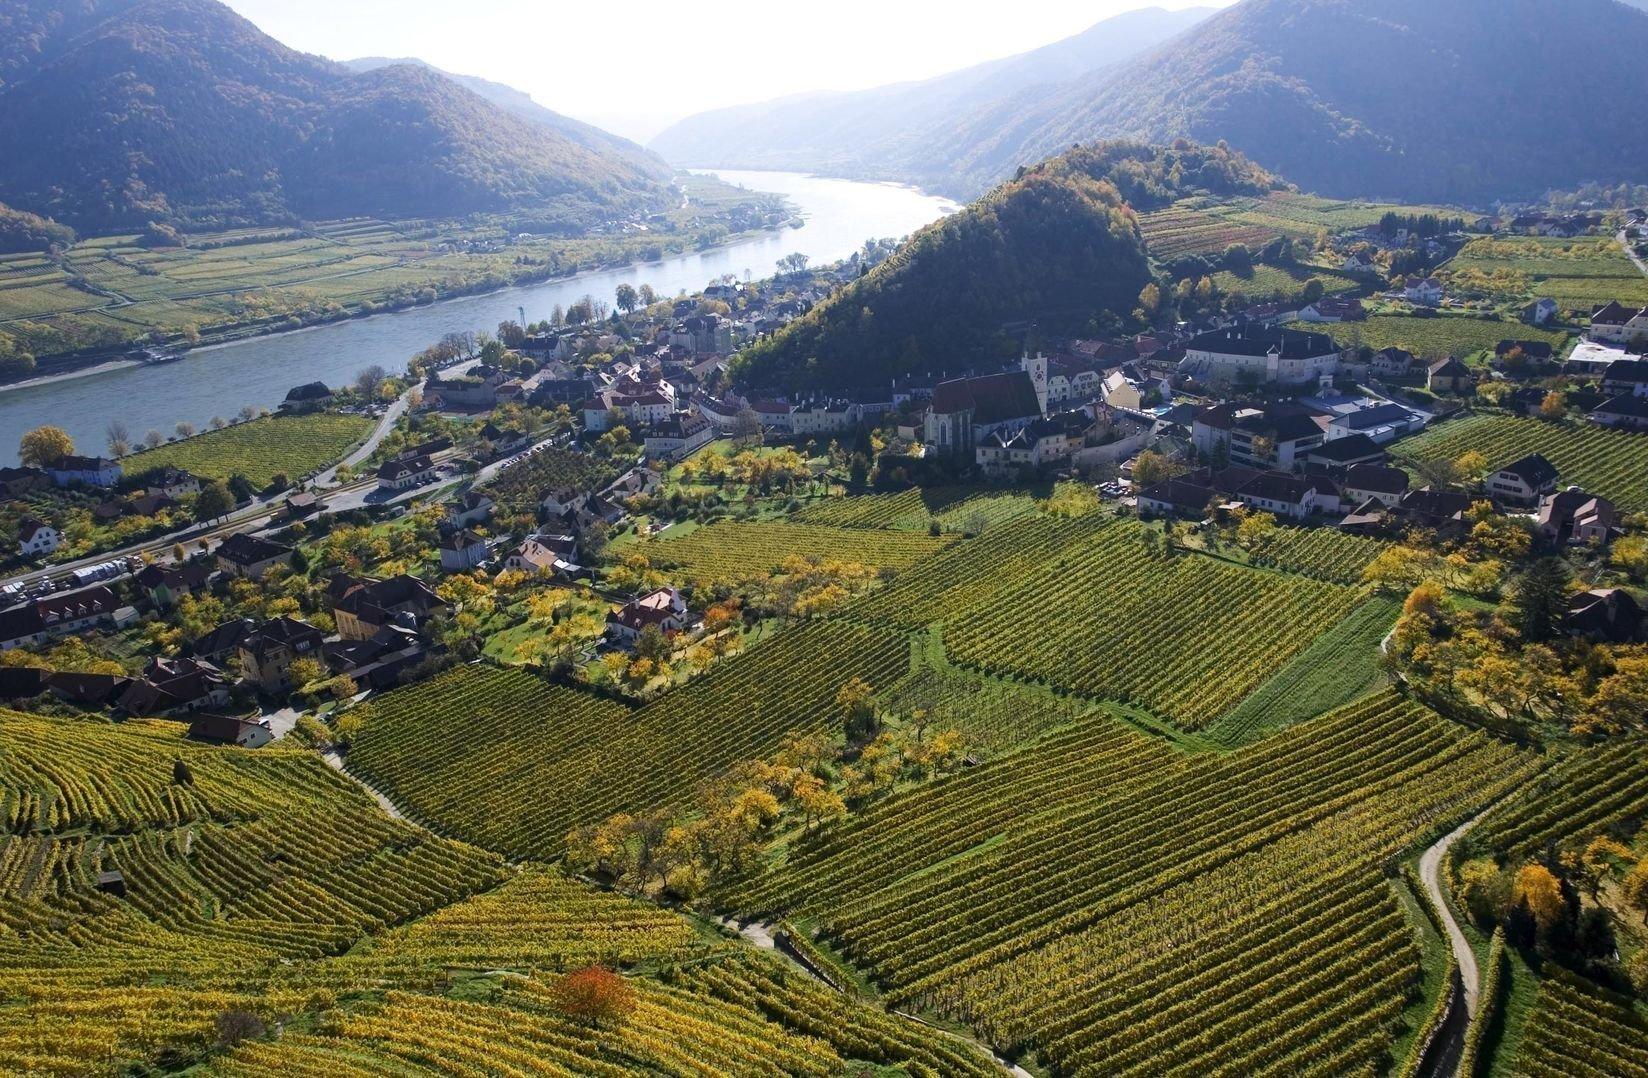 Spitz an der Donau Day Trip